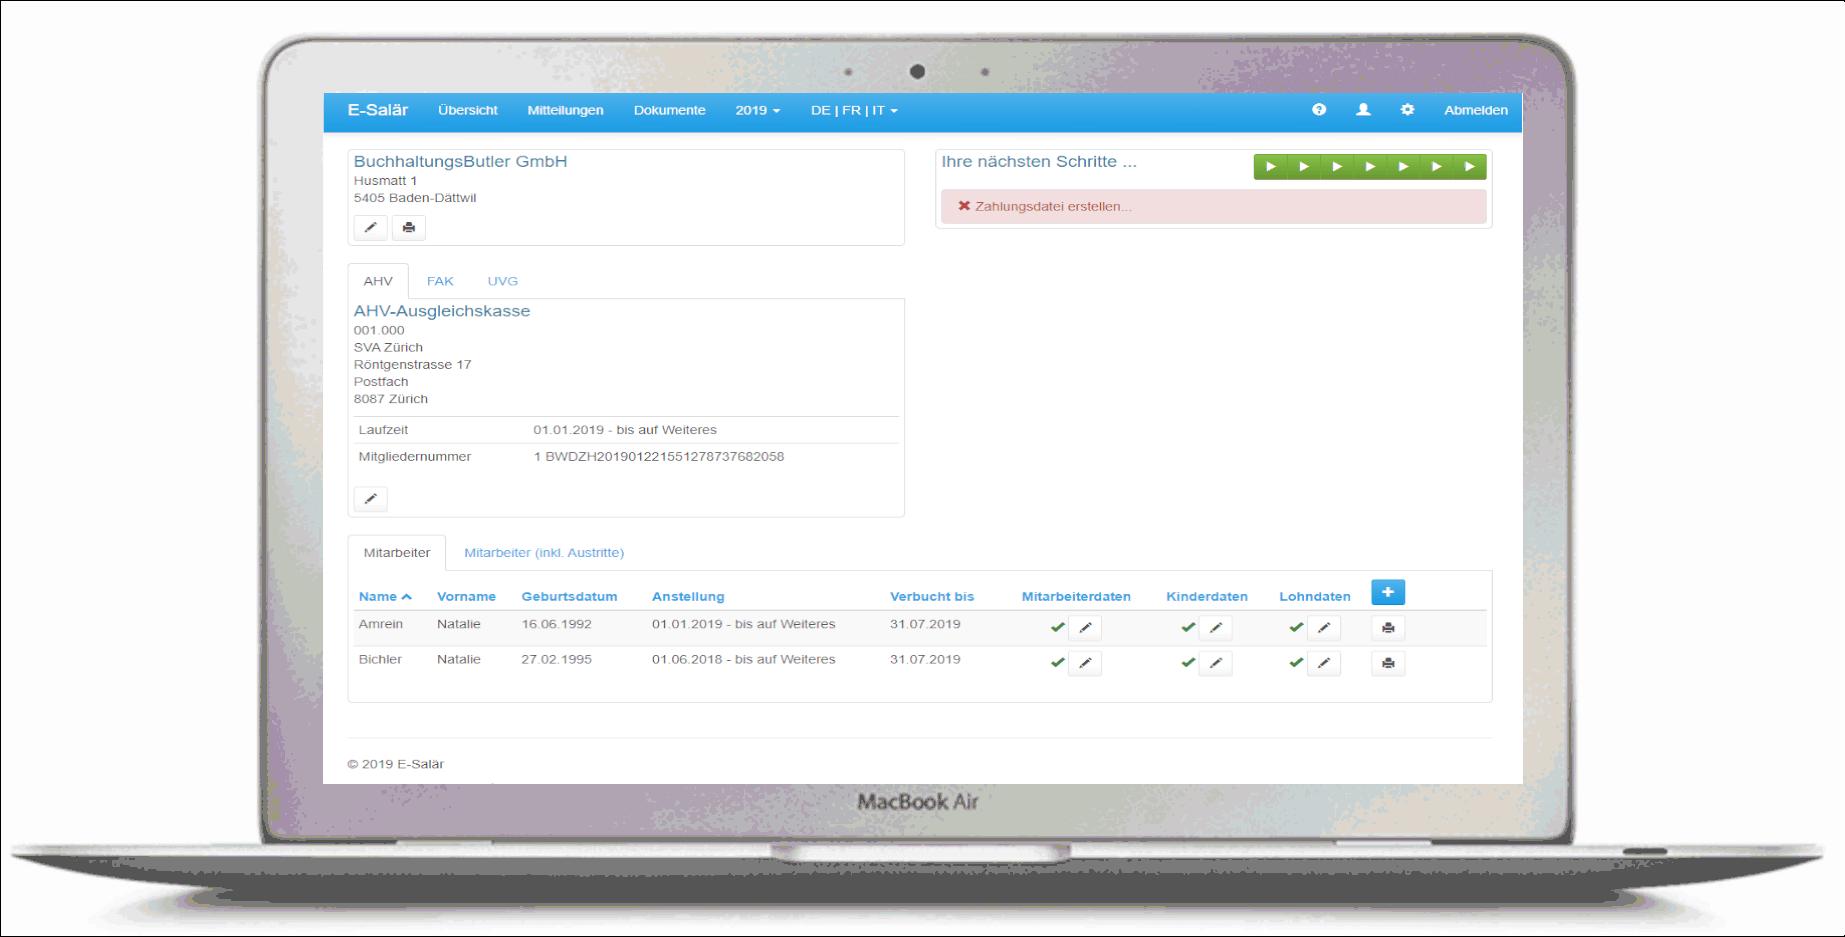 Lohnbuchhaltung online mit E-Salär und BuchhaltungsButler